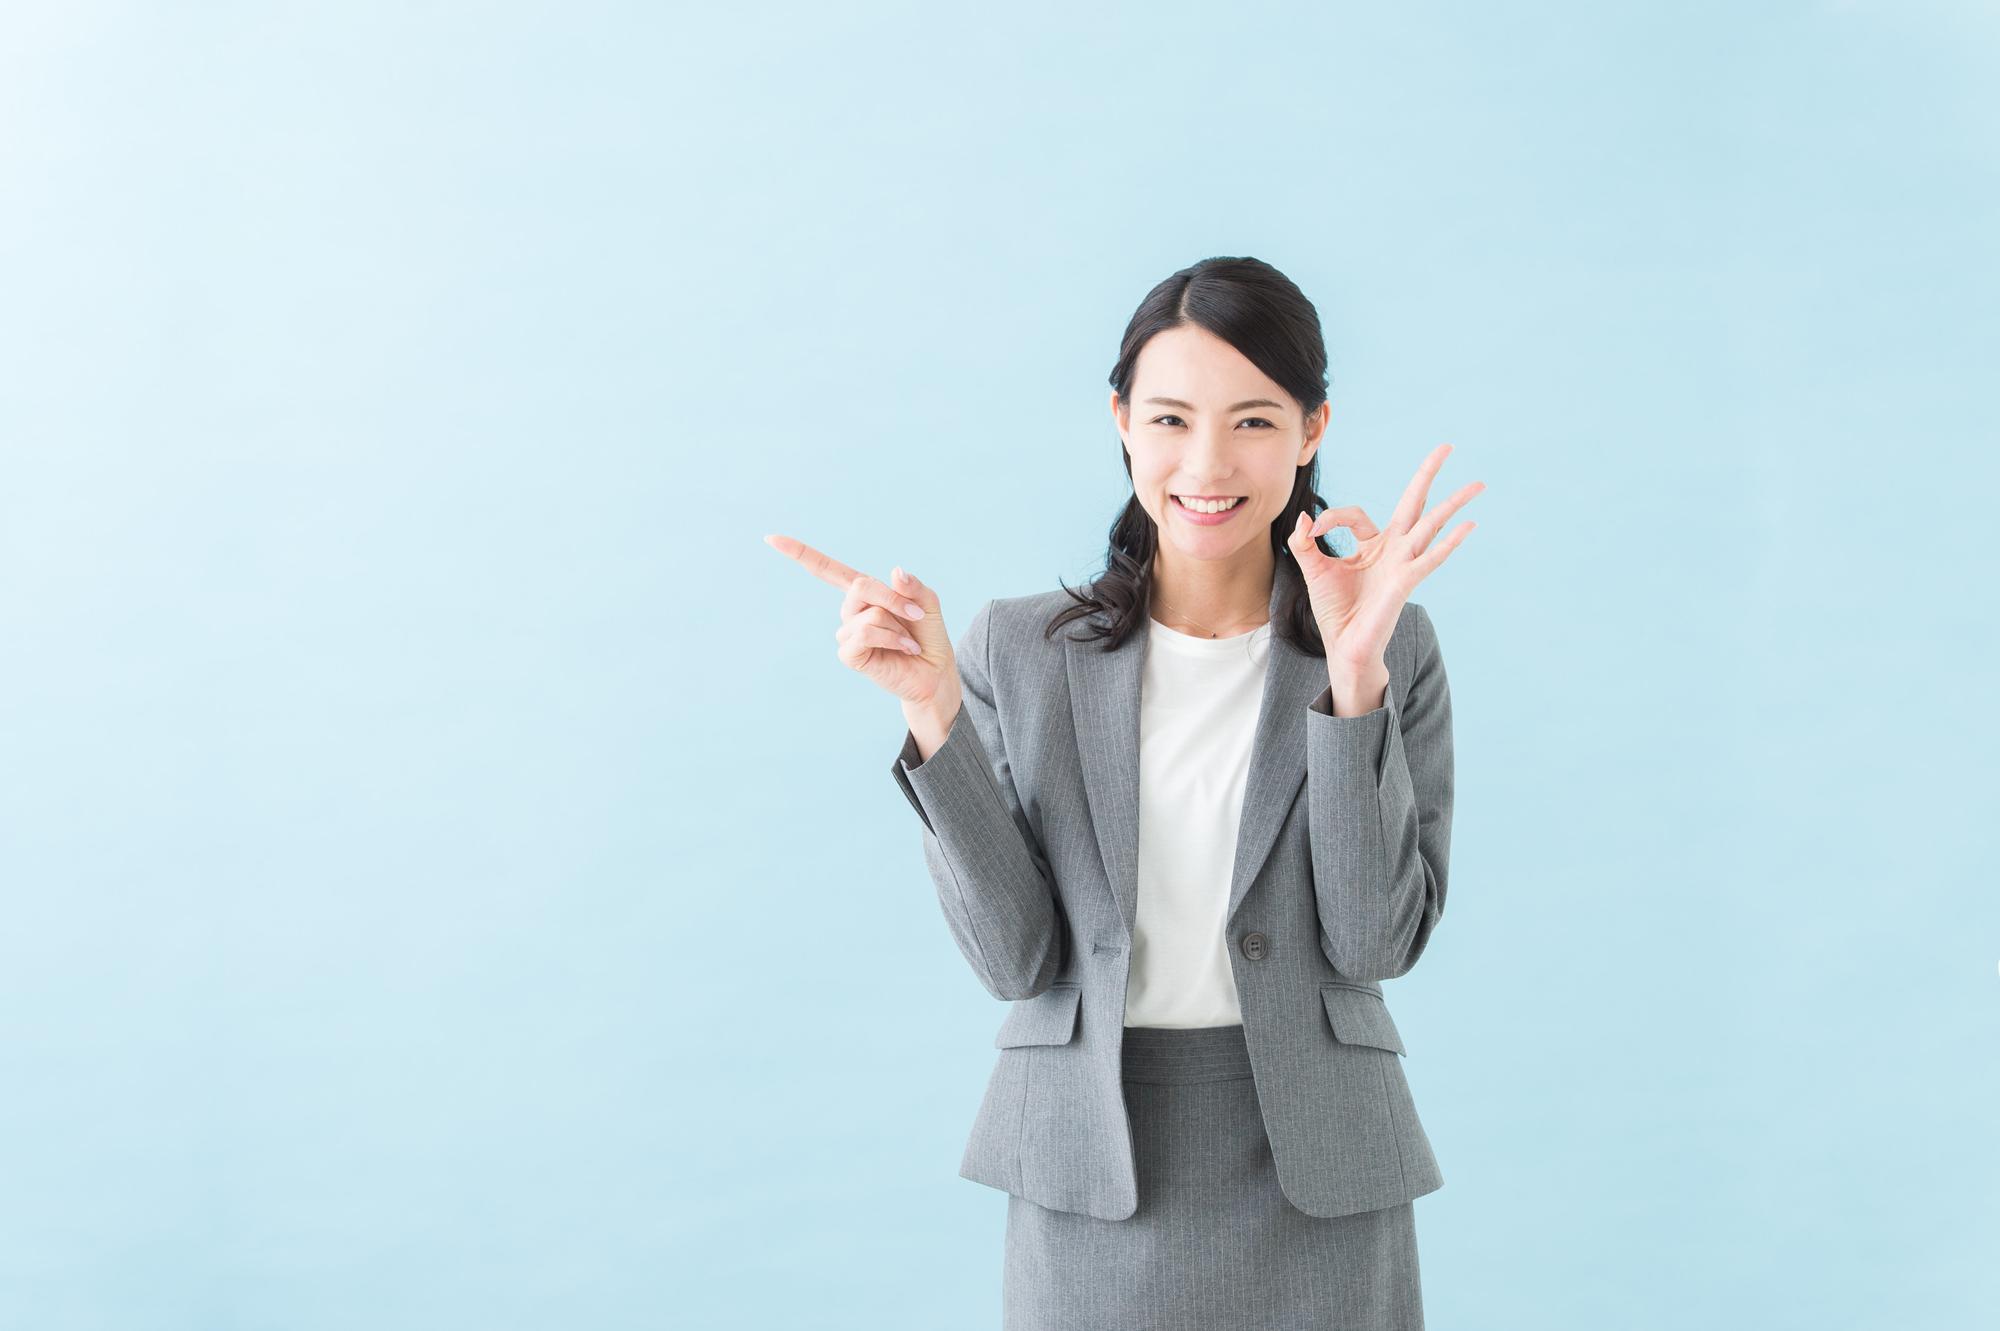 社宅管理代行に必要な資格とは?